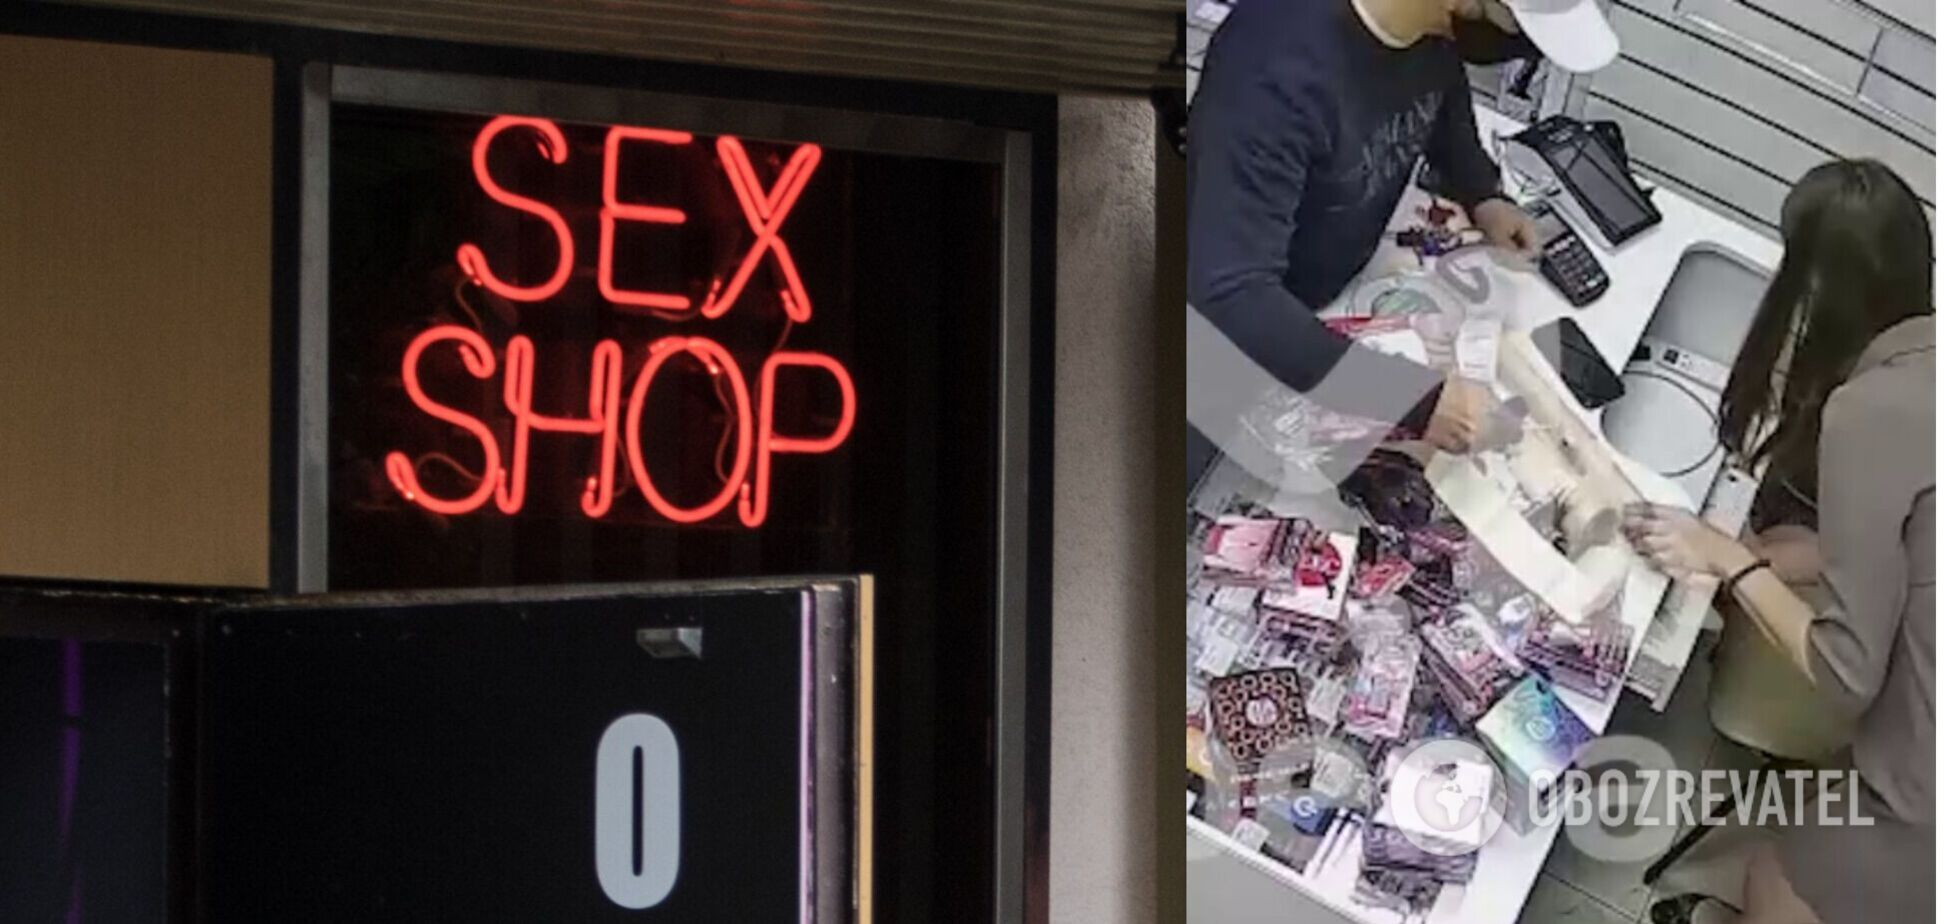 Спроба пограбування секс-шопу